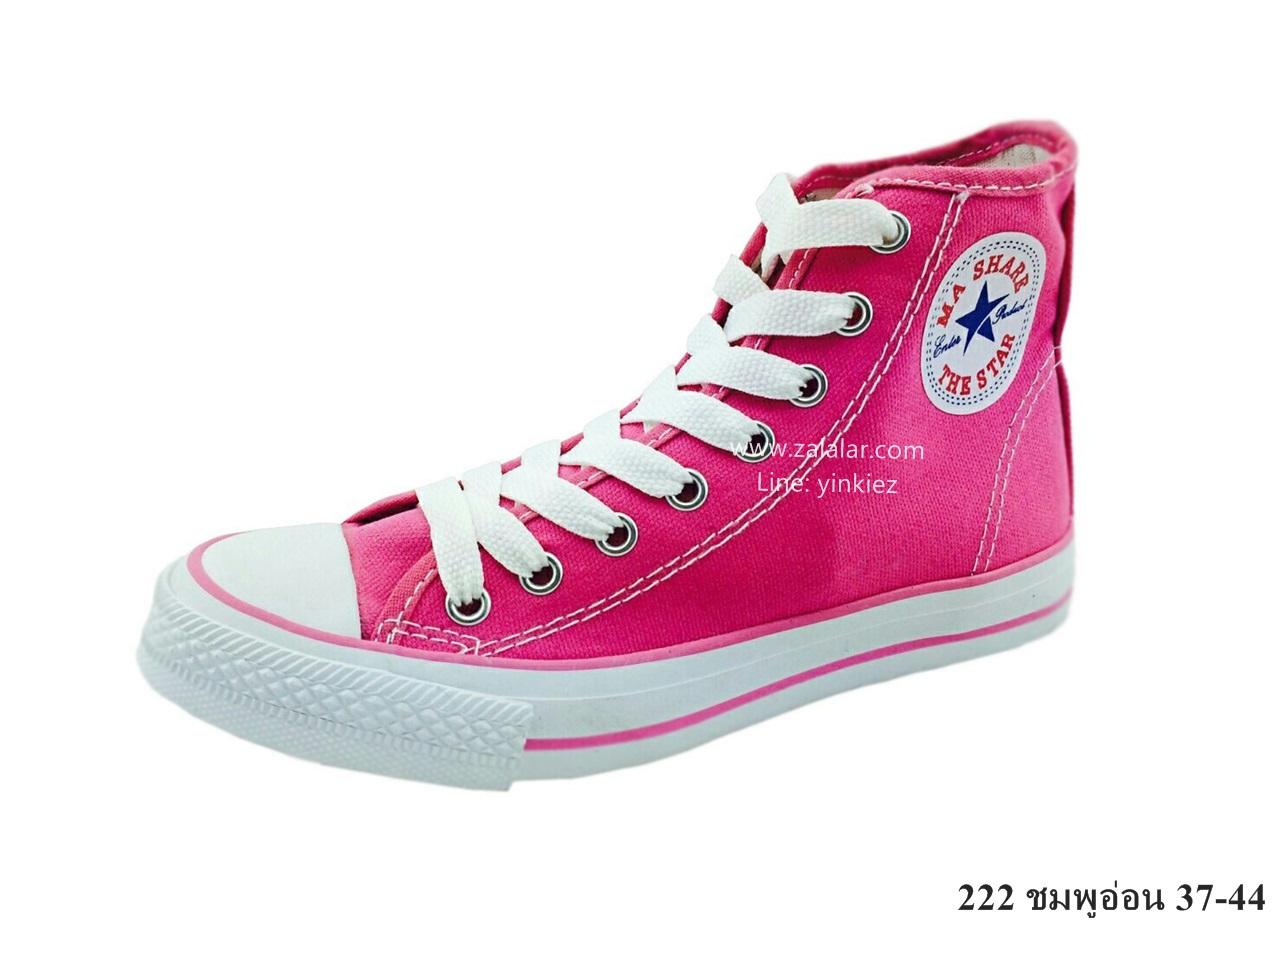 [พร้อมส่ง] รองเท้าผ้าใบแฟชั่น รุ่น 222 สีชมพู ทรงหุ้มข้อ